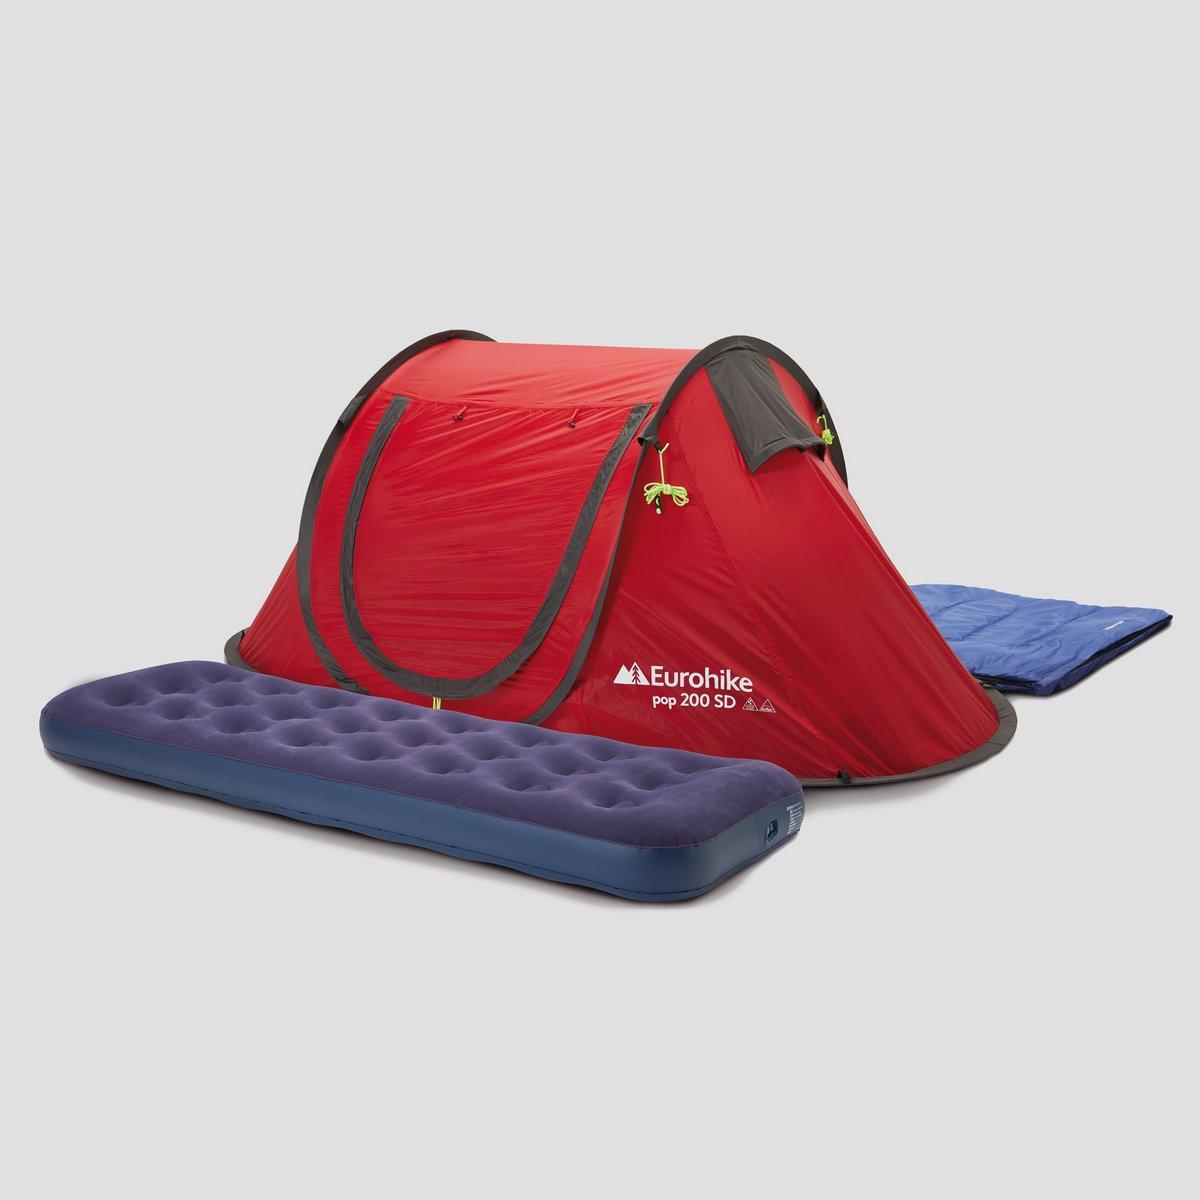 Eurohike kampeerset (tent + luchtbed + slaapzak) voor €40 @ PerrySport